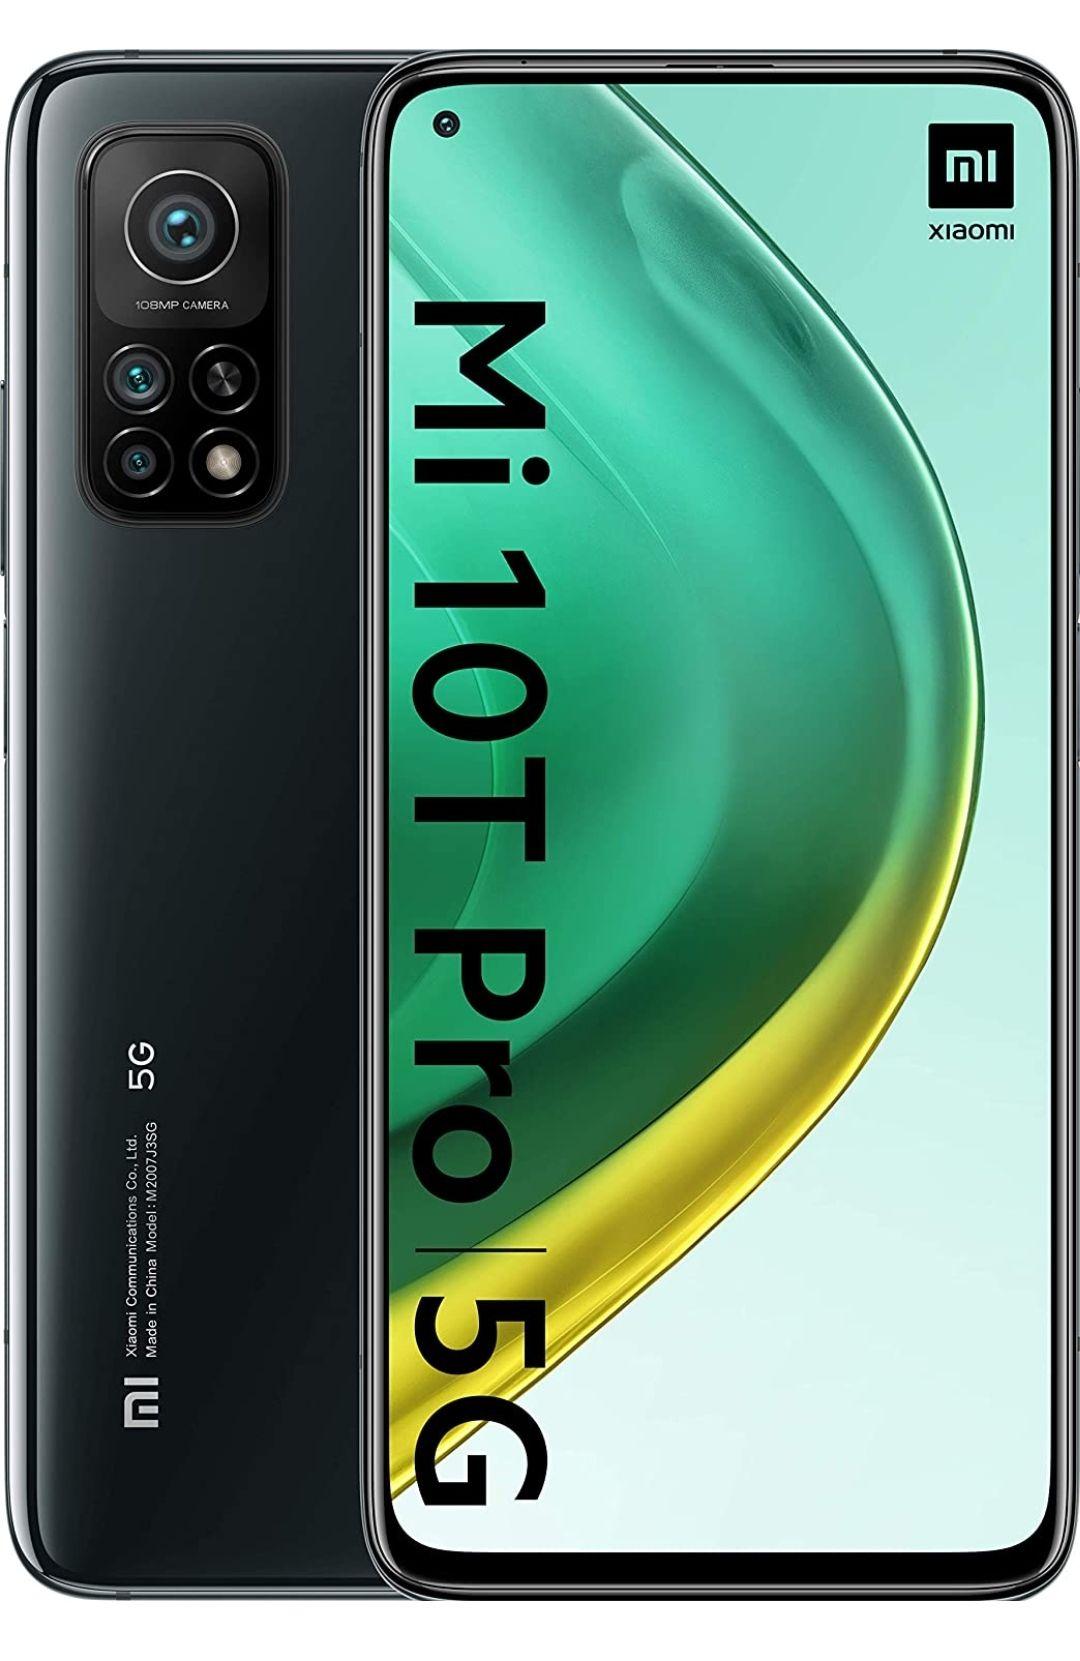 Xiaomi Mi 10T Pro 256GB Smartphone In Used Pristine Condition - £332.49 delivered With Code @ Limetropic / eBay